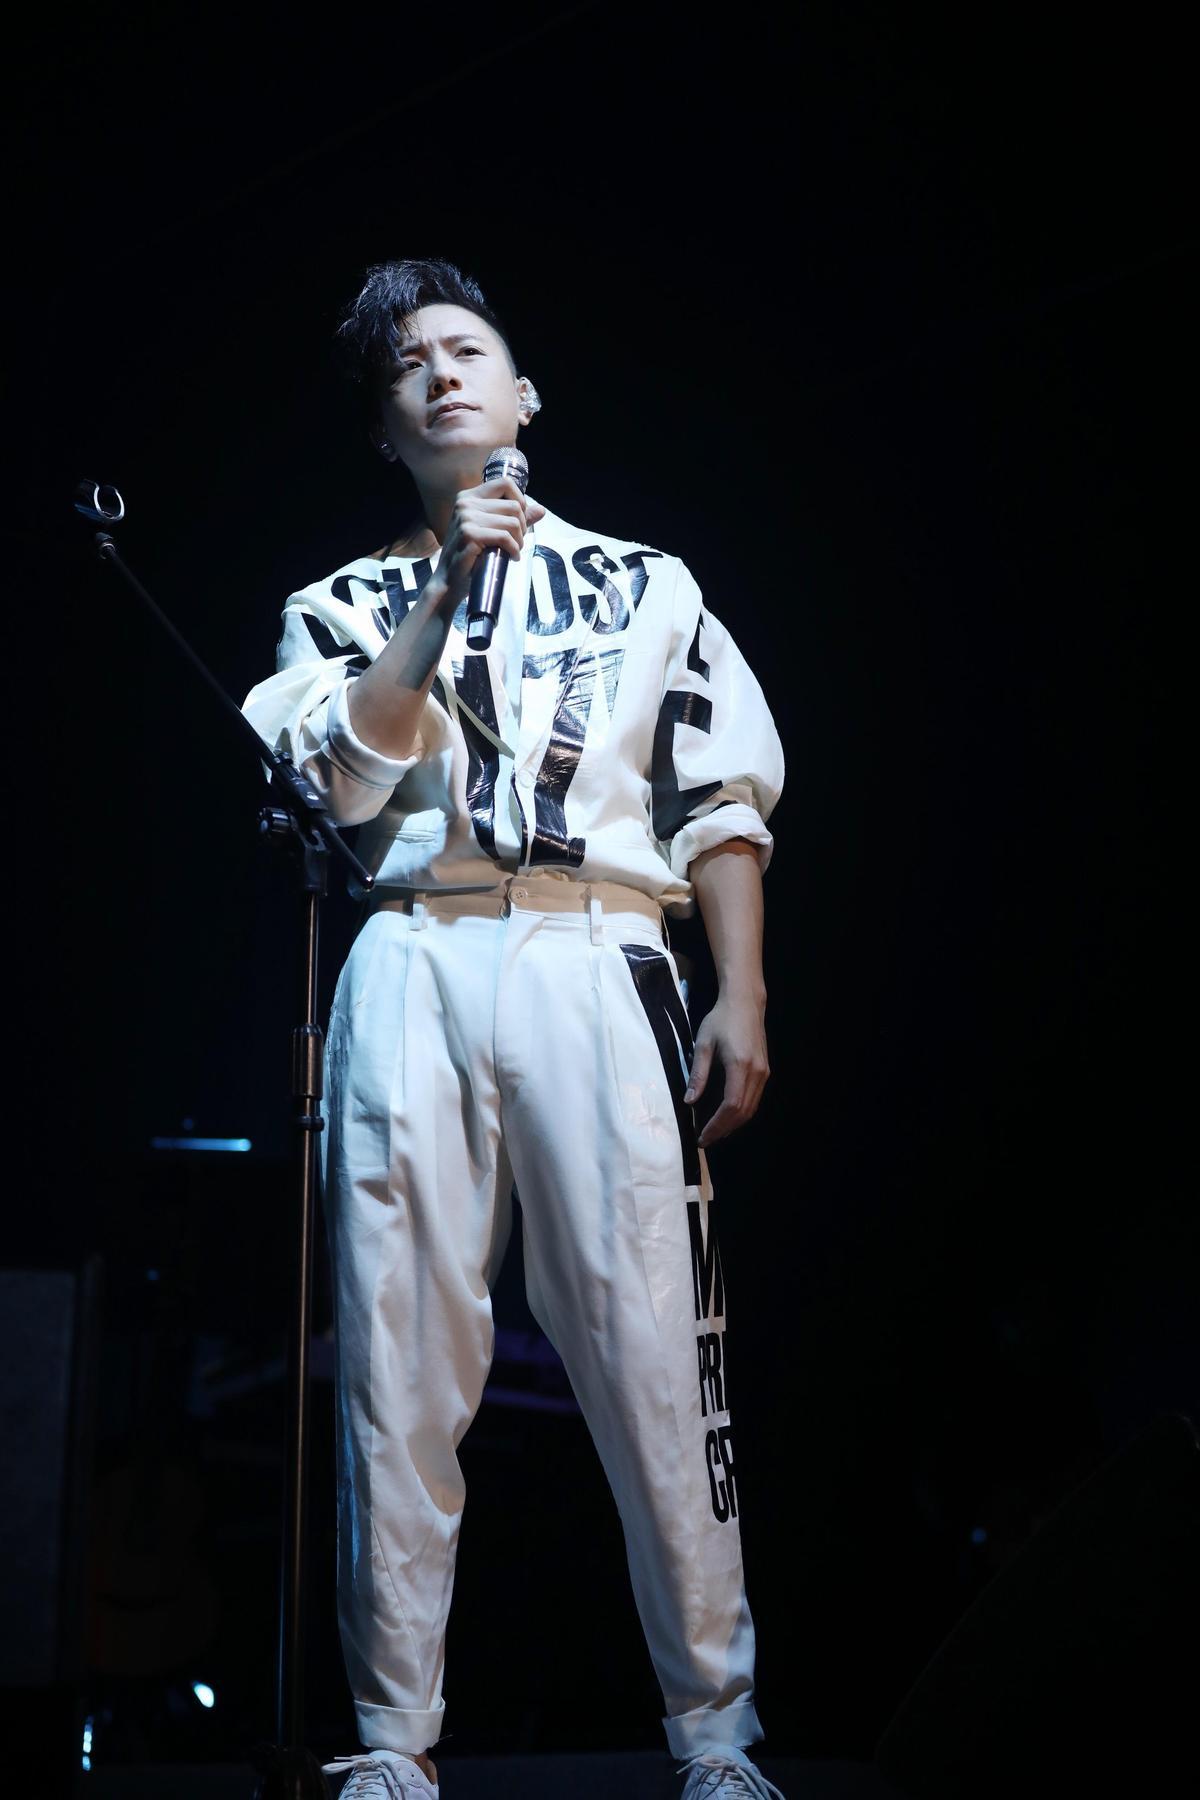 韋禮安演唱他出道10年來的經典歌,全場歌迷大合唱。(IMC提供)